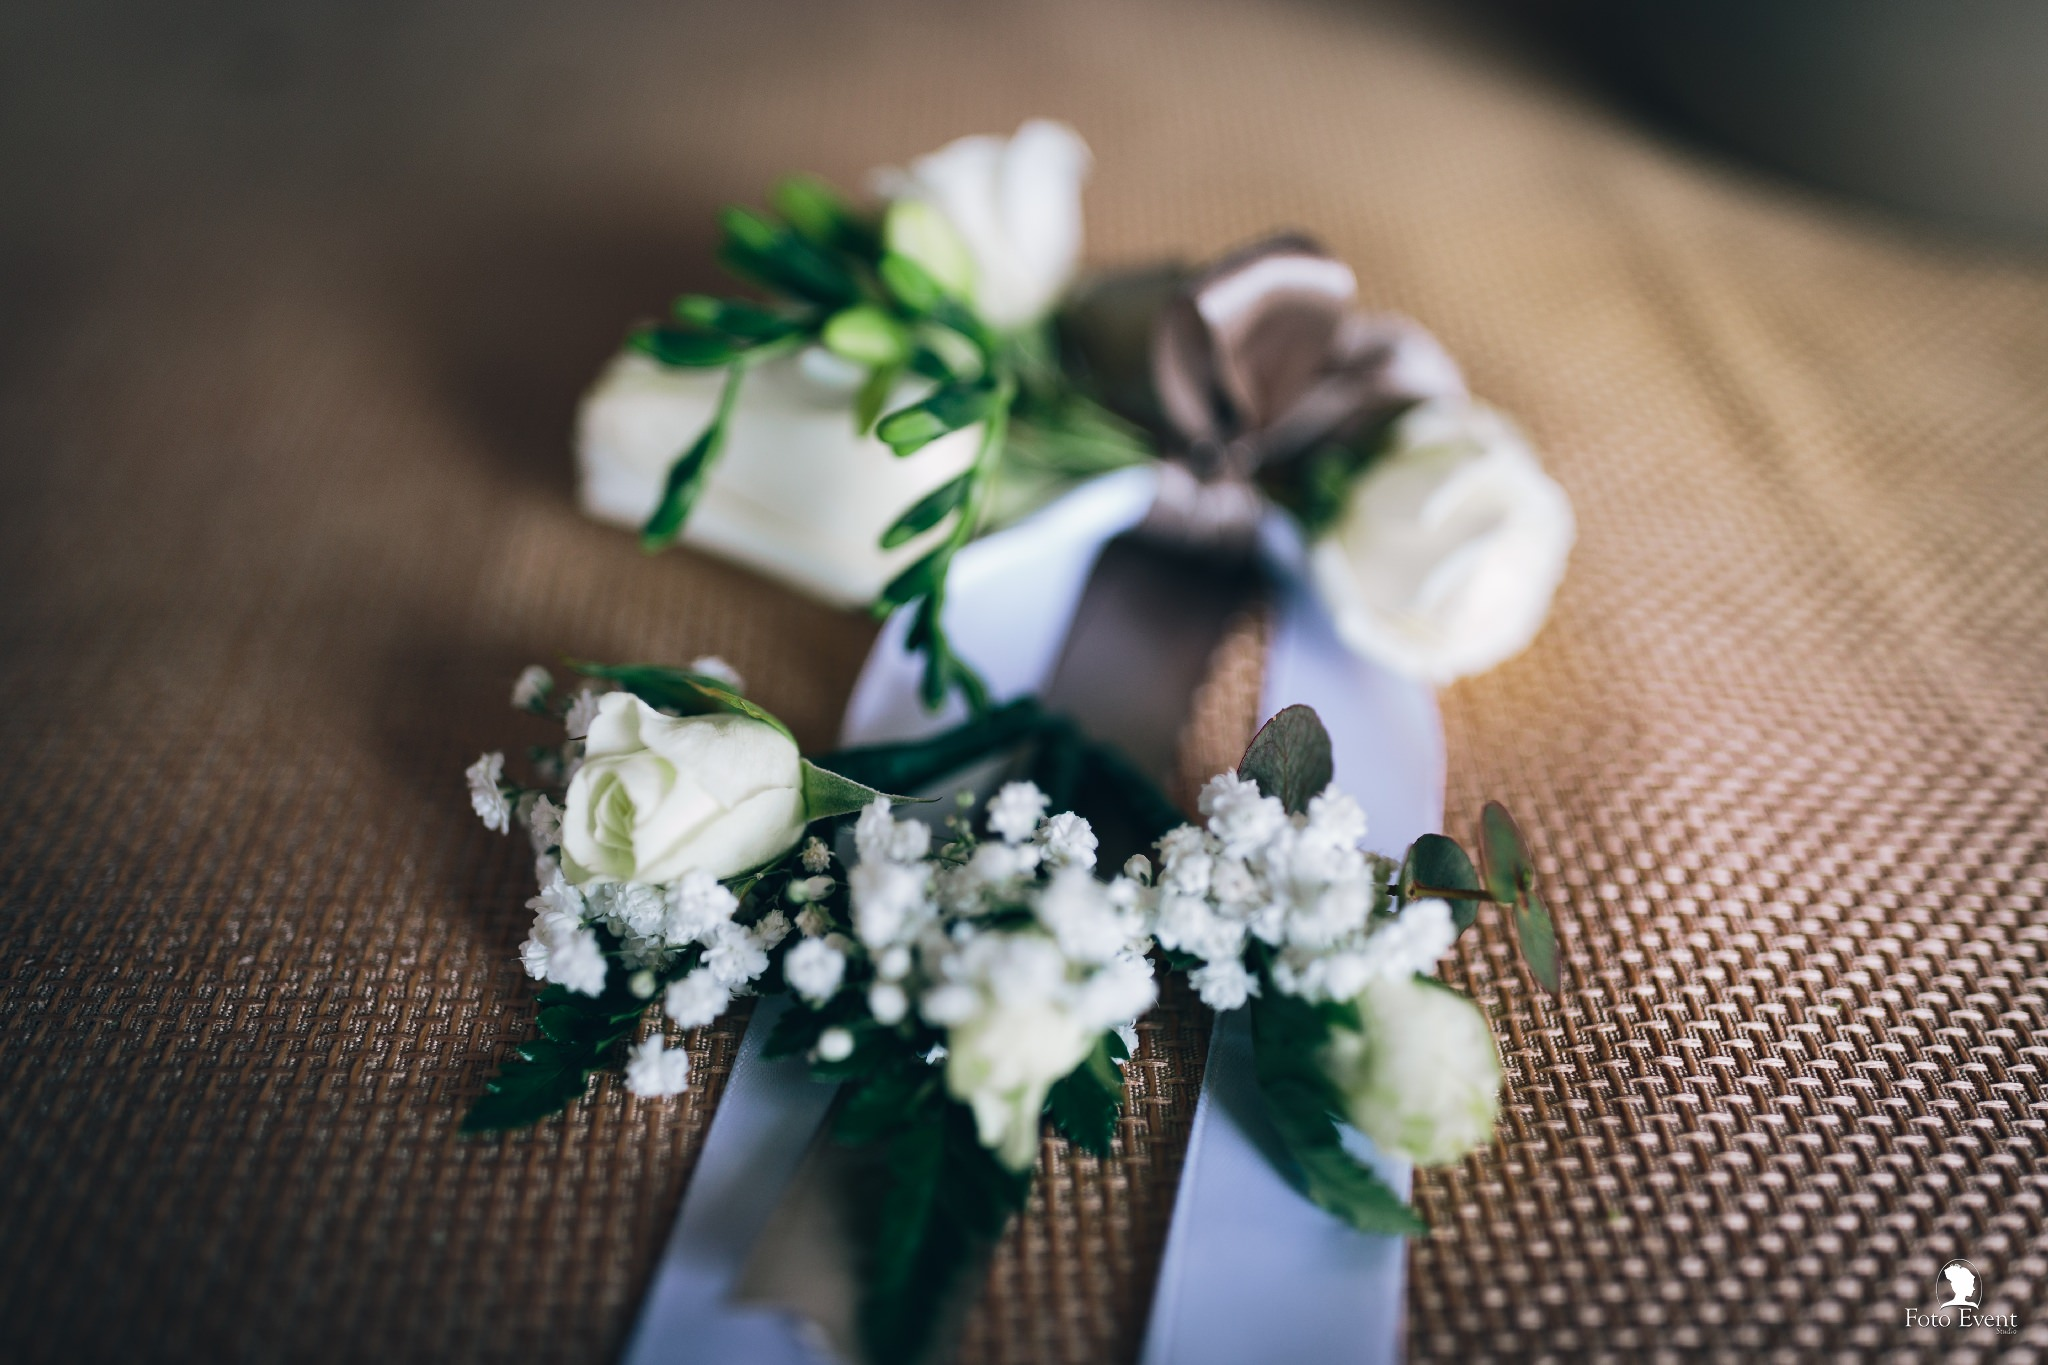 048-2019-05-09-Matrimonio-Maria-Concetta-e-Daniel-Gebbia-35mm-040